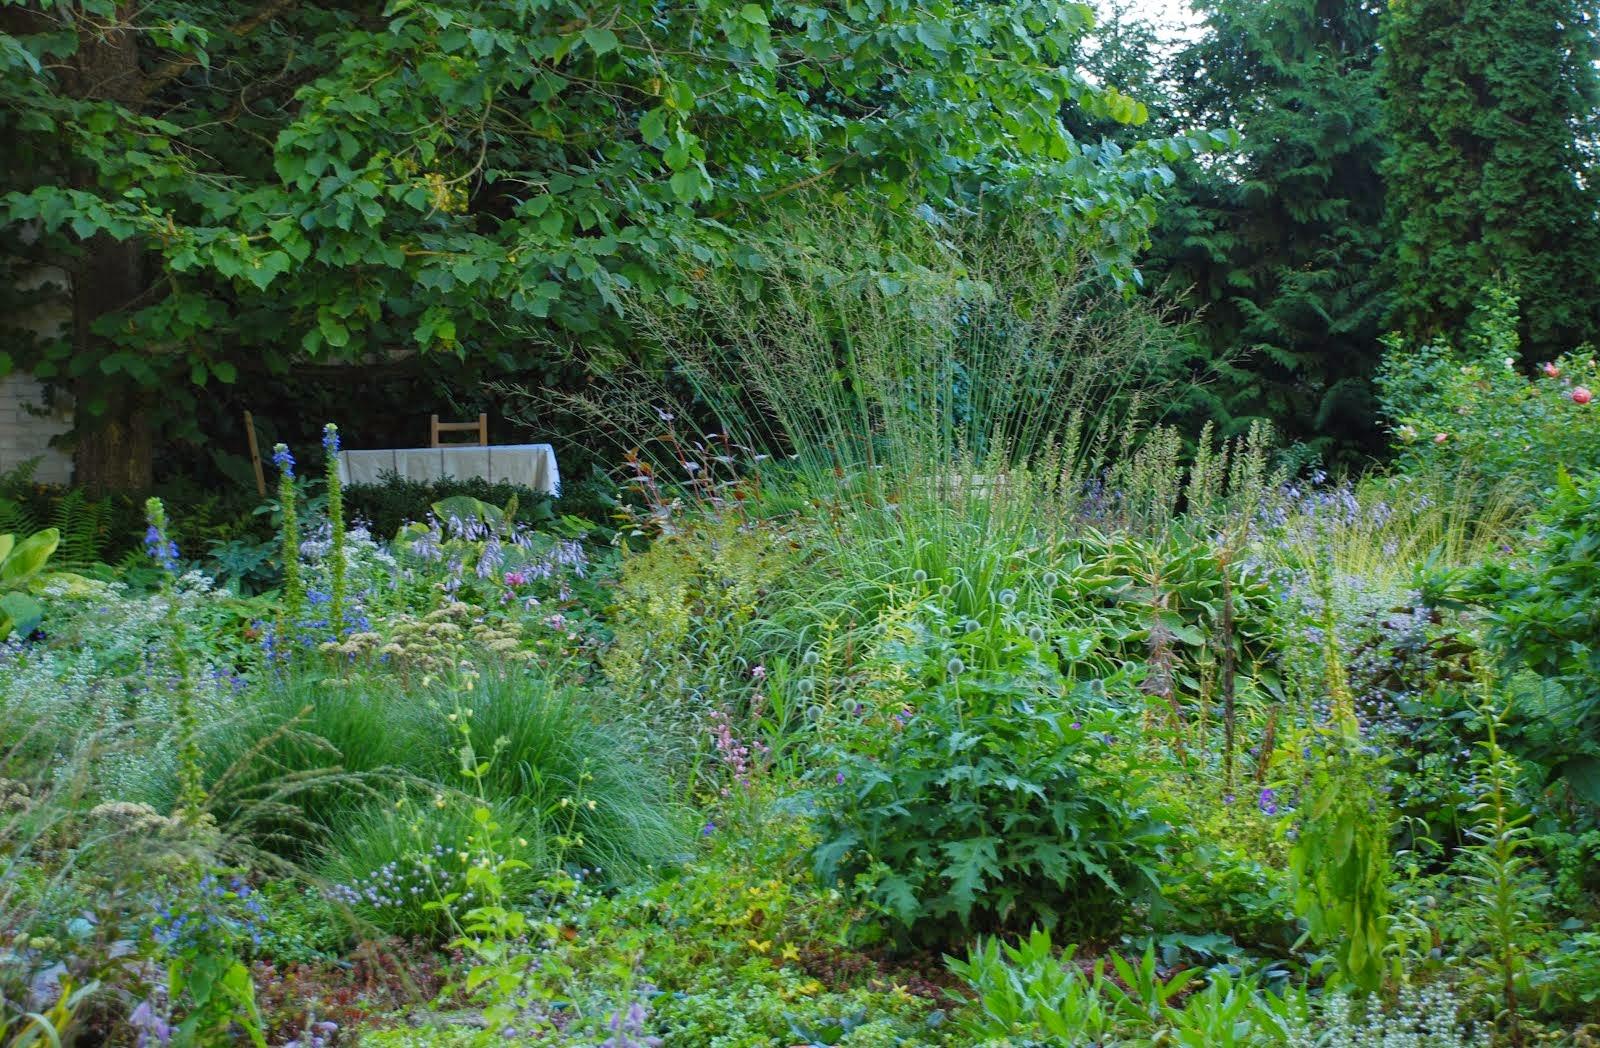 KERTI NAPLÓ – Gartentagesbuch